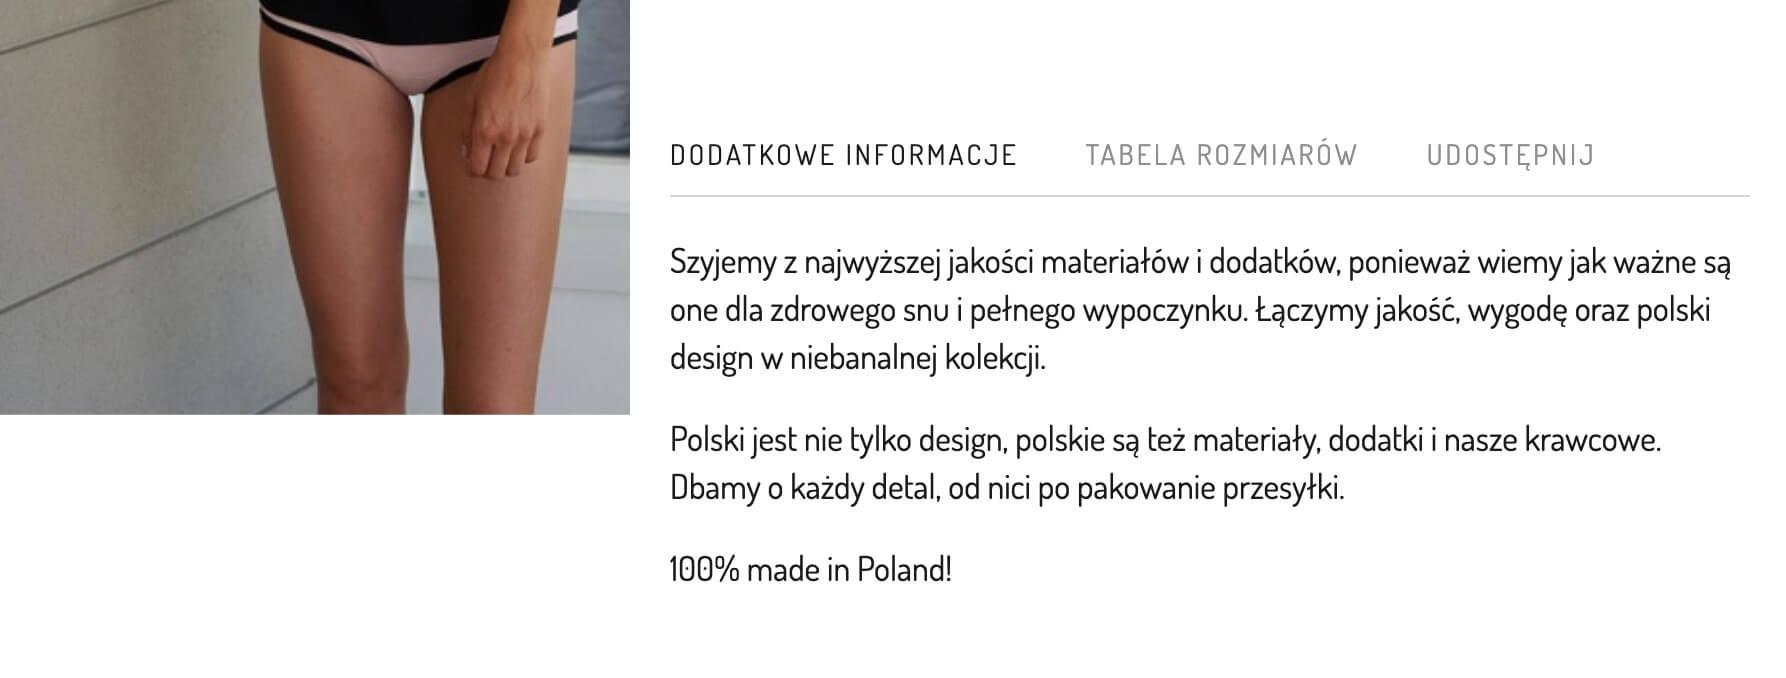 sleepinwarsaw - jak pisać opisy produktów ubrań